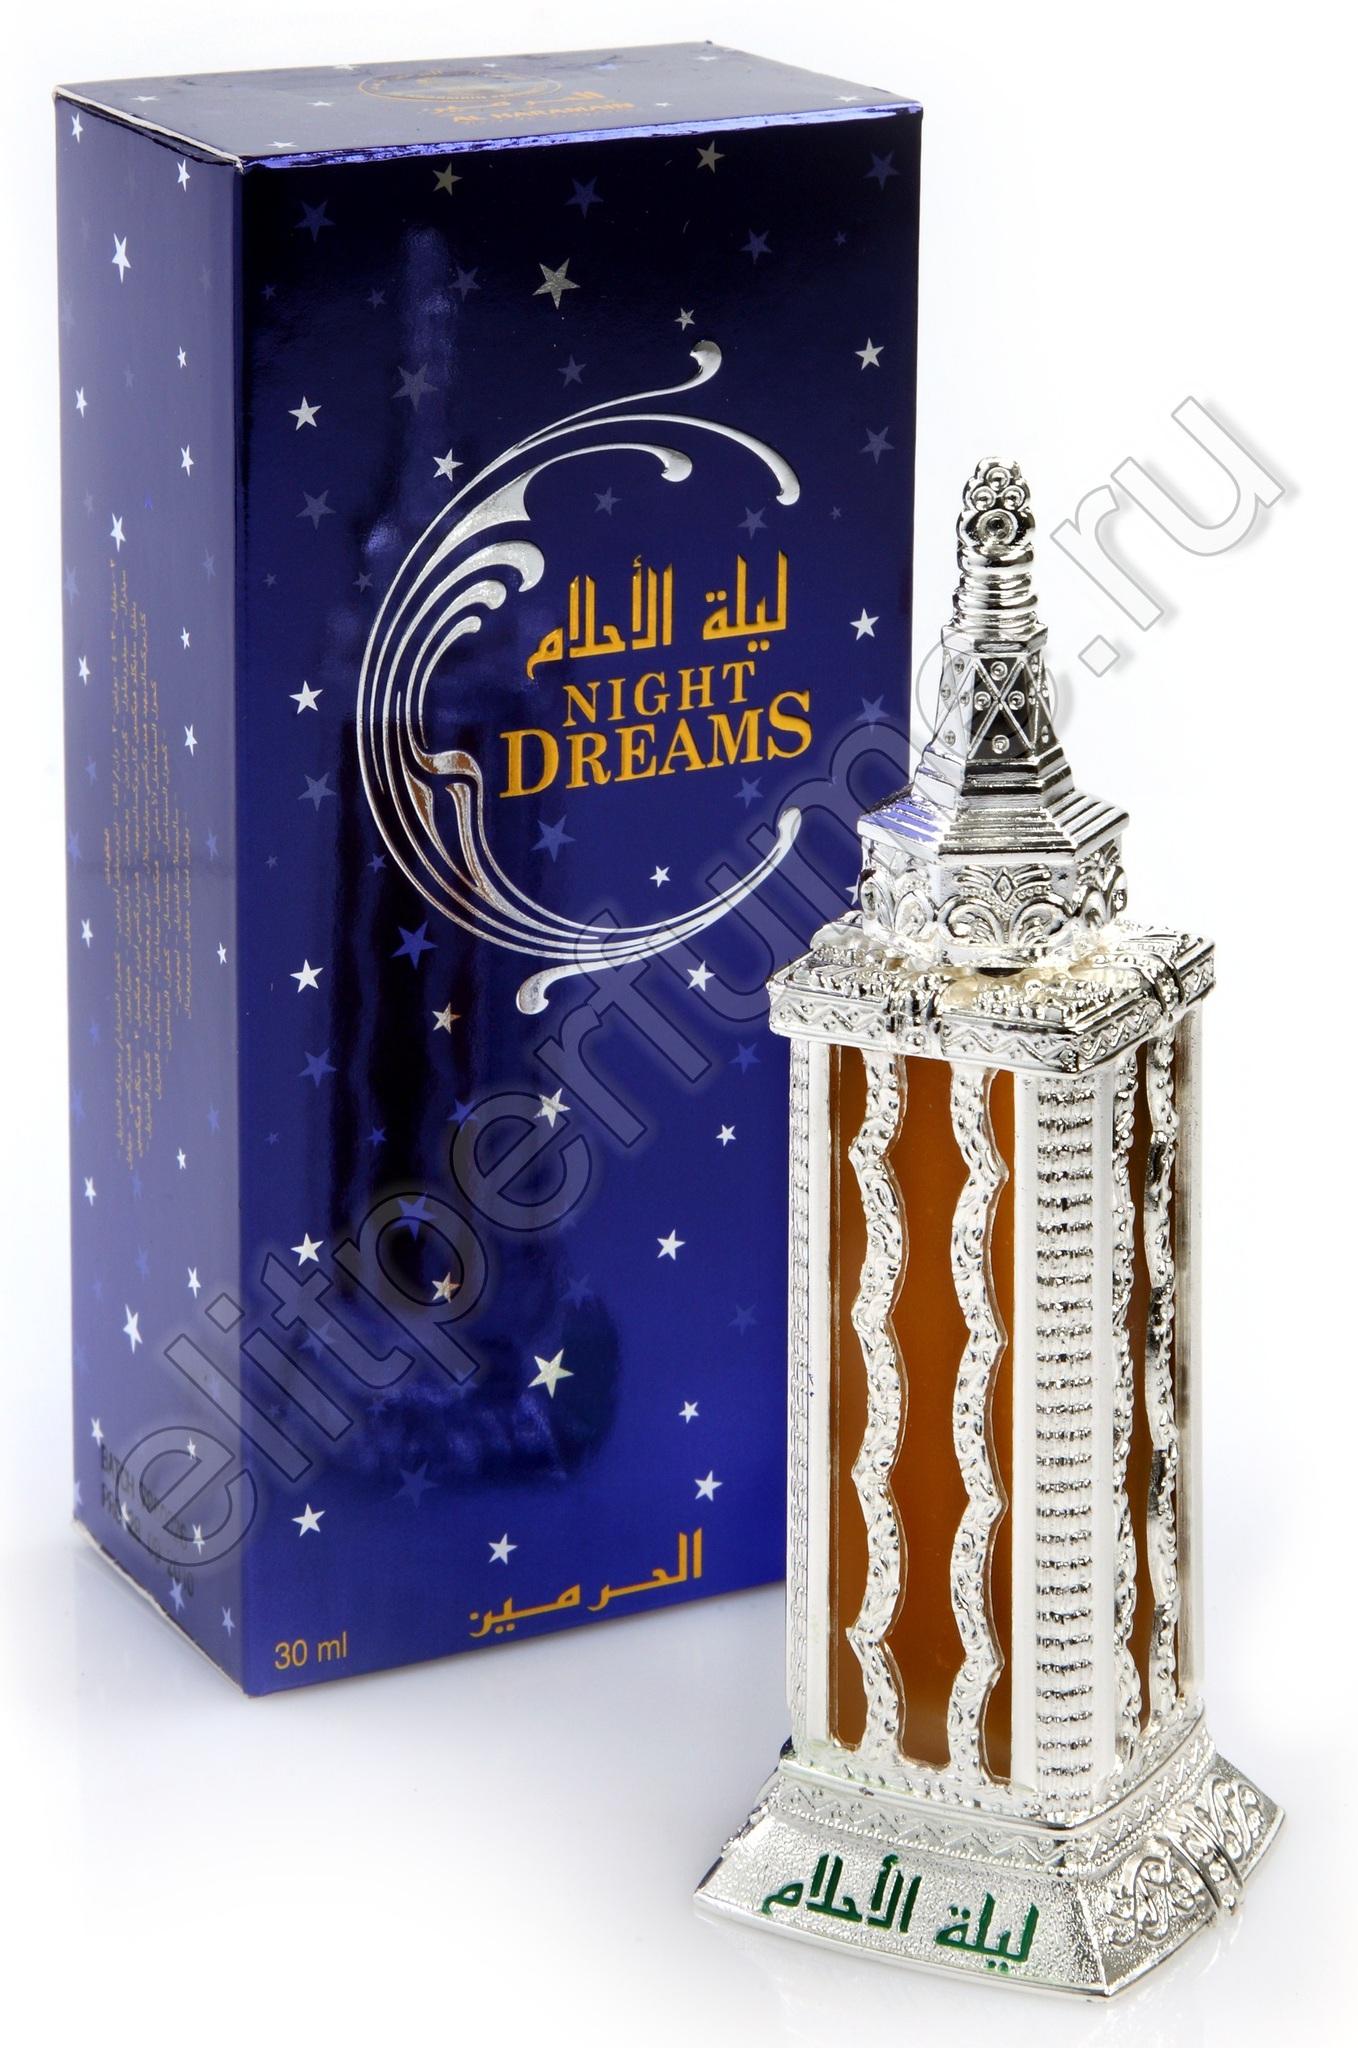 Пробники для духов Ночные Сны Night Dreams 1 мл арабские масляные духи от Аль Харамайн Al Haramin Perfumes